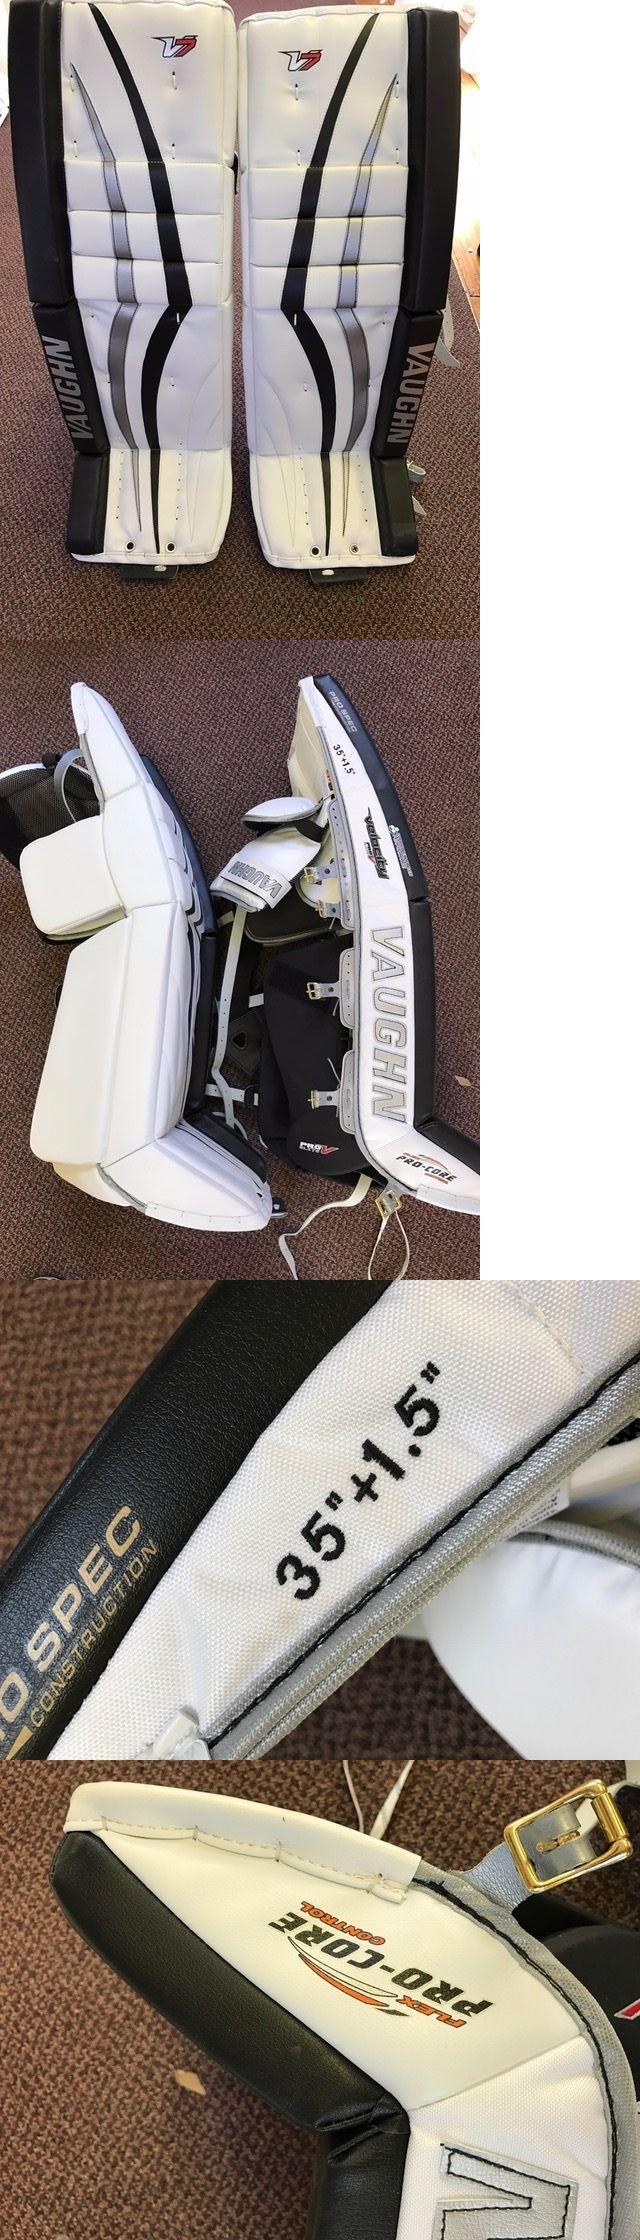 Leg Pads 79764: Custom Vaughn Velocity V7 Goalie / Goaltender Ice Hockey Pads -> BUY IT NOW ONLY: $1600 on eBay!